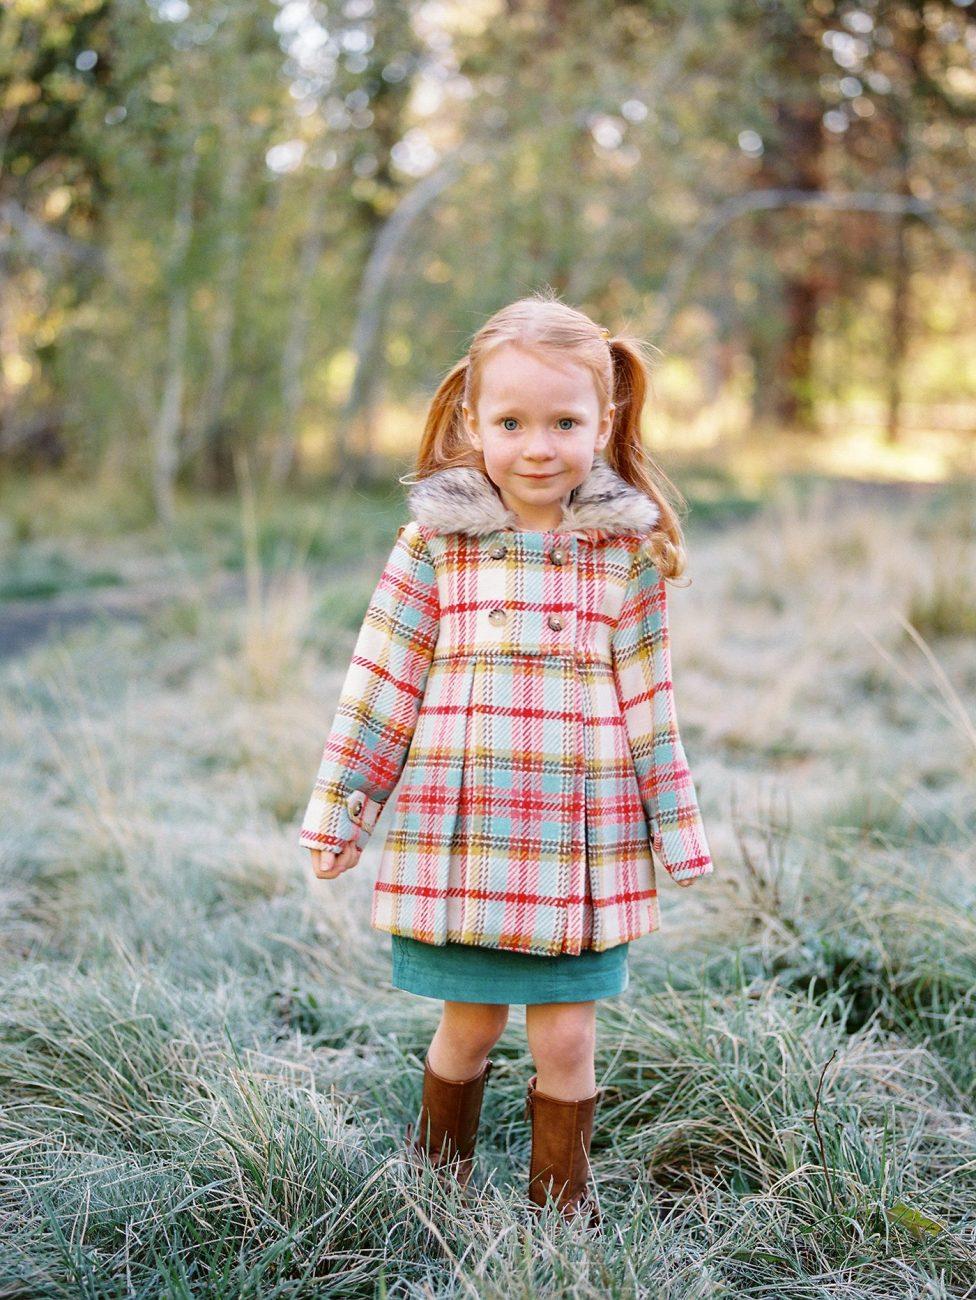 Little girl at Shevlin park